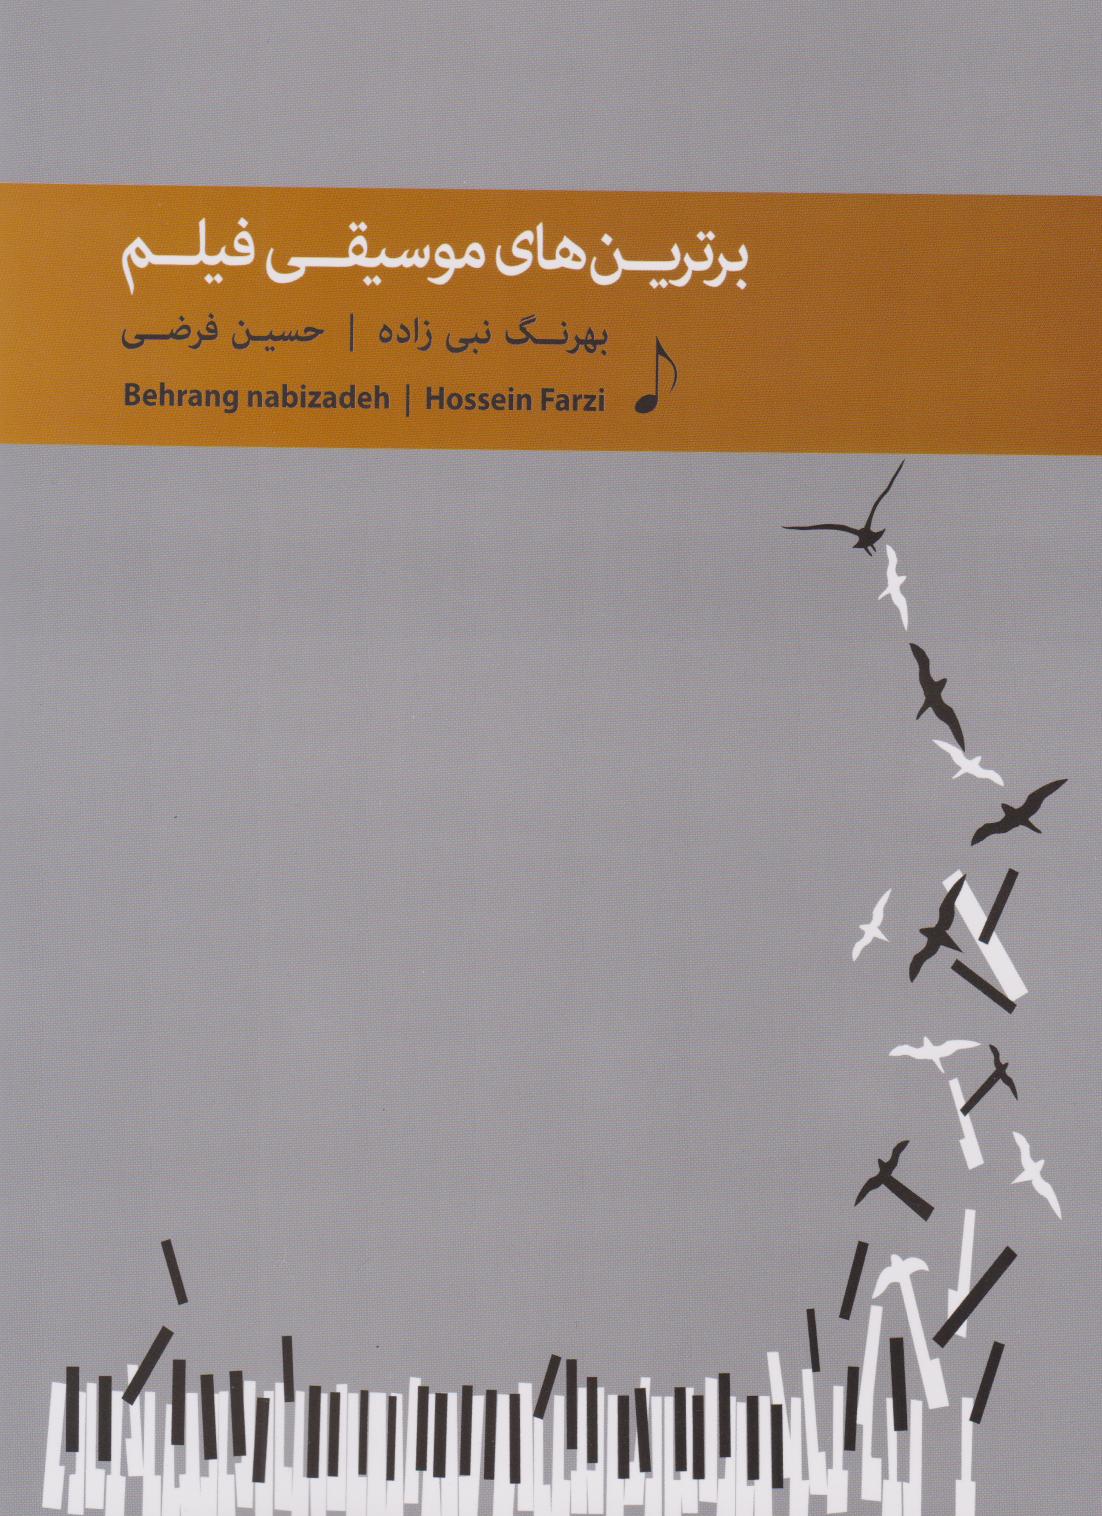 کتاب دوم برترینهای پیانو بهرنگ نبیزاده حسین فرضی